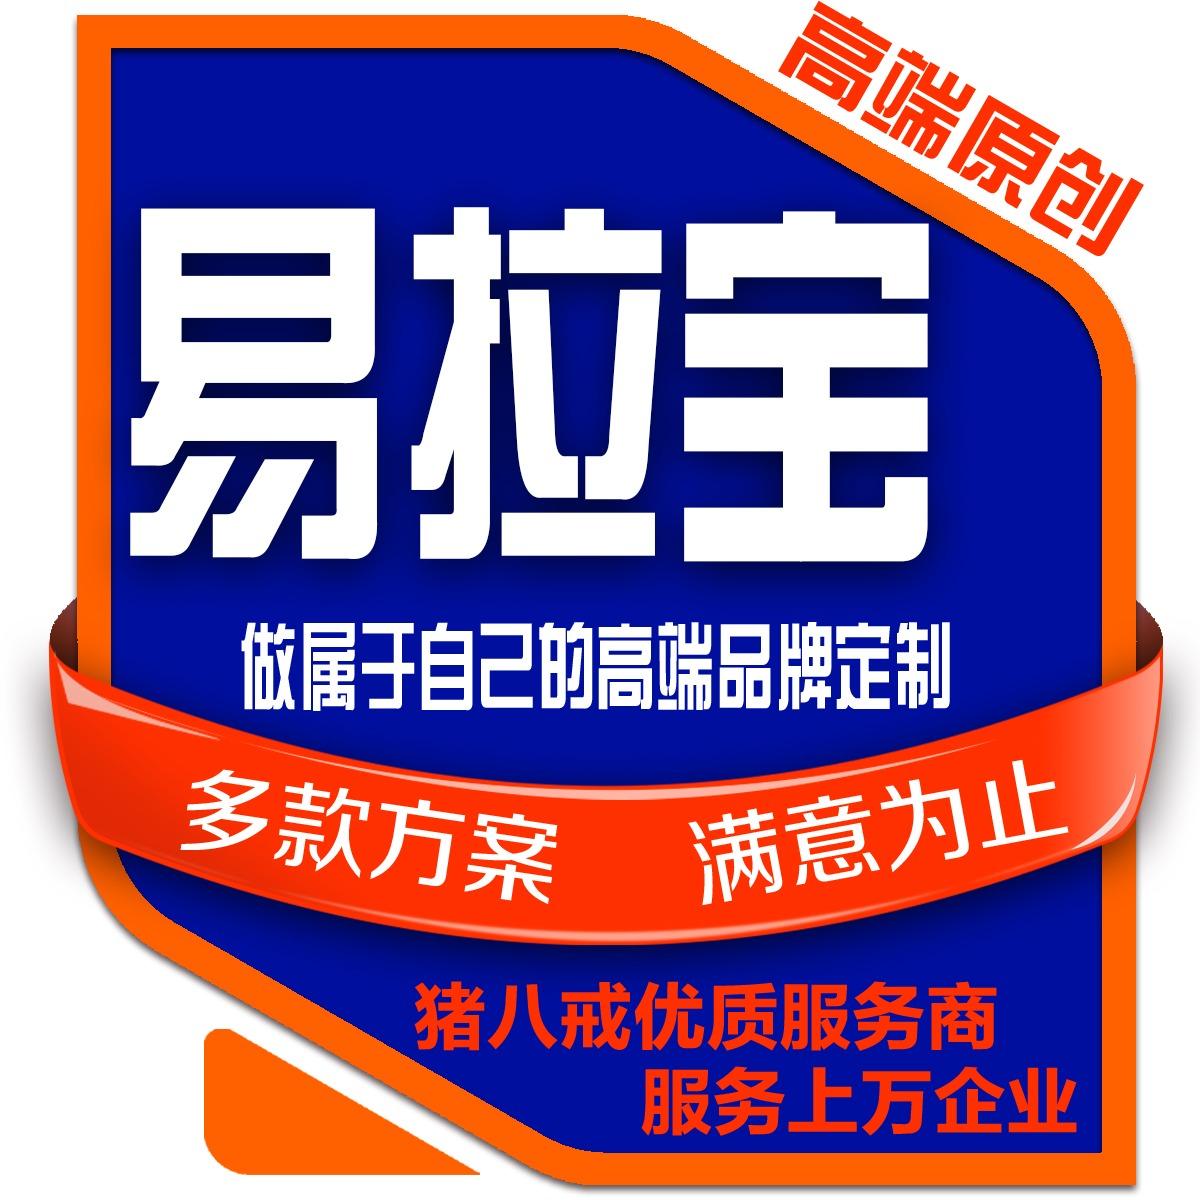 易拉宝电商海报设计招商画册产品折页菜谱宣传手册